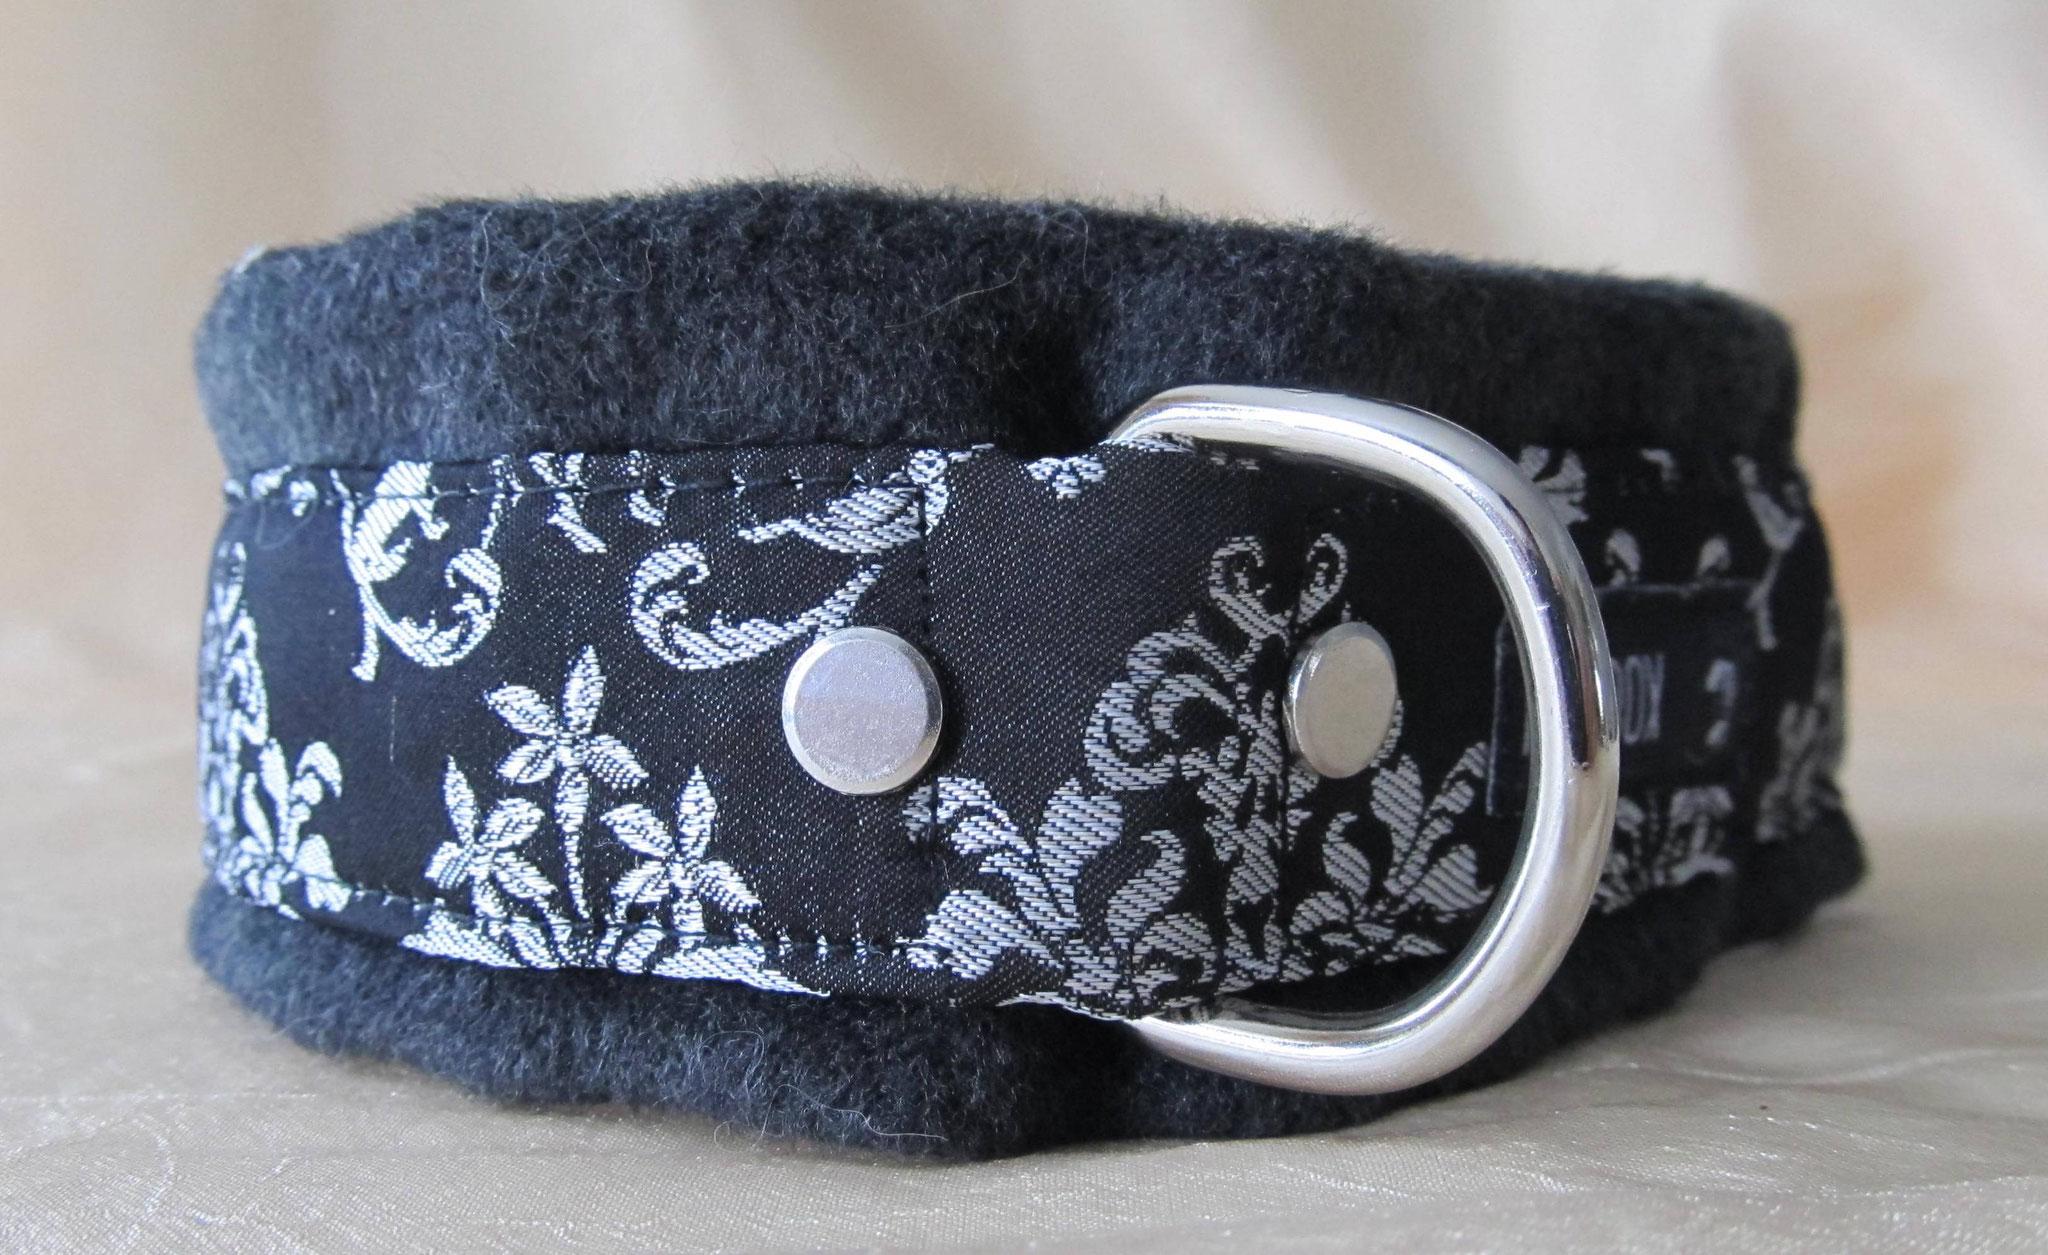 Trachtenhalsband mit gewalktem Wollstoff unterlegt, Breite 5 cm, Halsumfang 46 cm, Preis 64,00 €